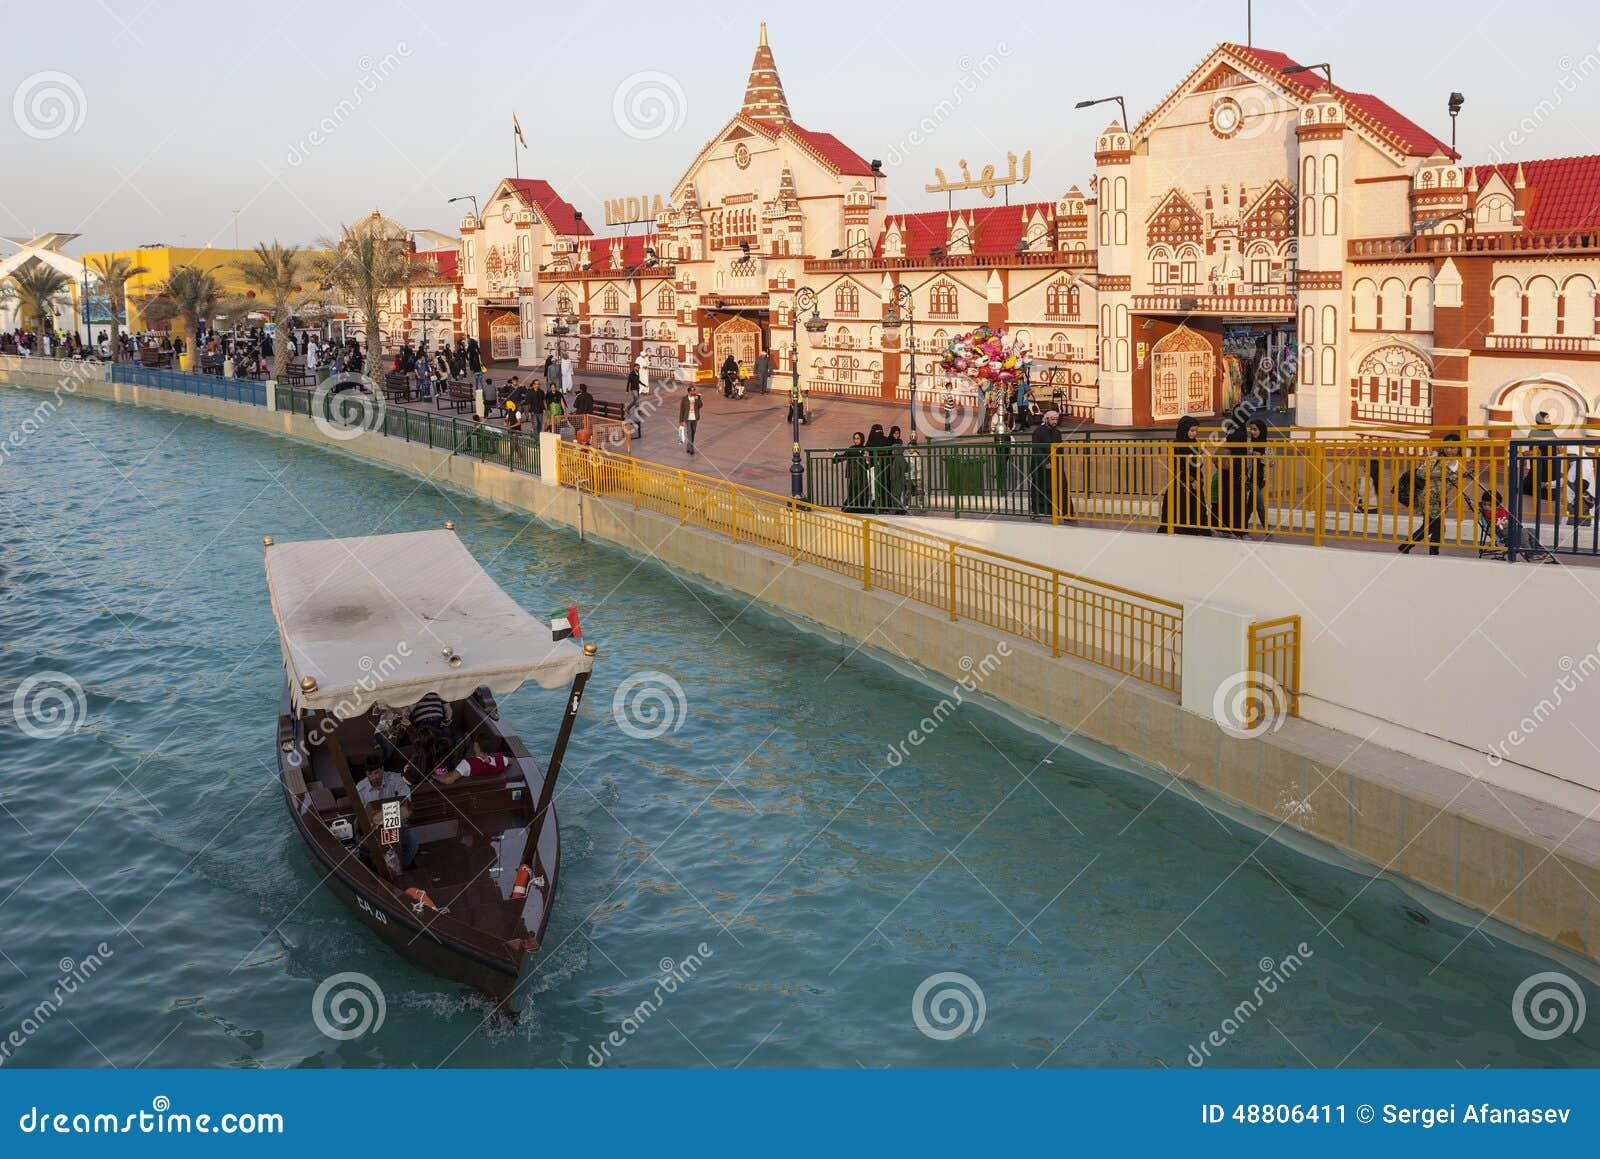 Eerlijk Globaal Dorp (Werelddorp) doubai Verenigde Arabische emiraten